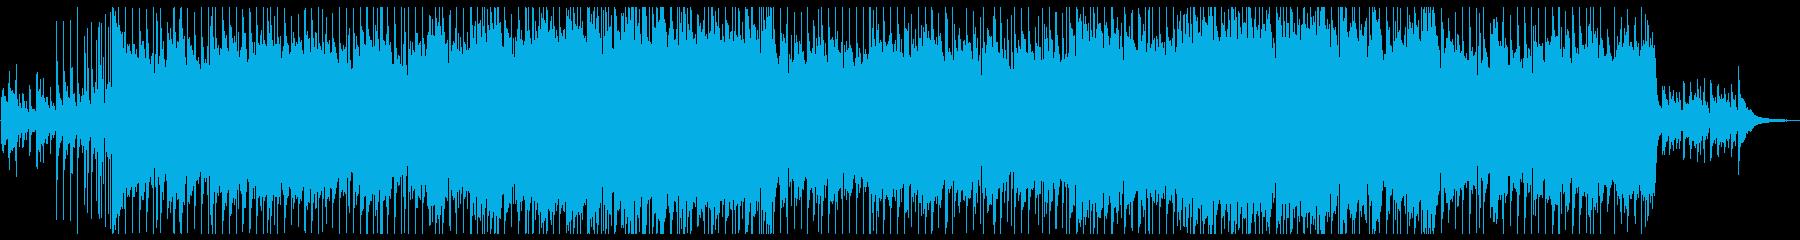 エレキギターのゆったりと寂しげなロックの再生済みの波形